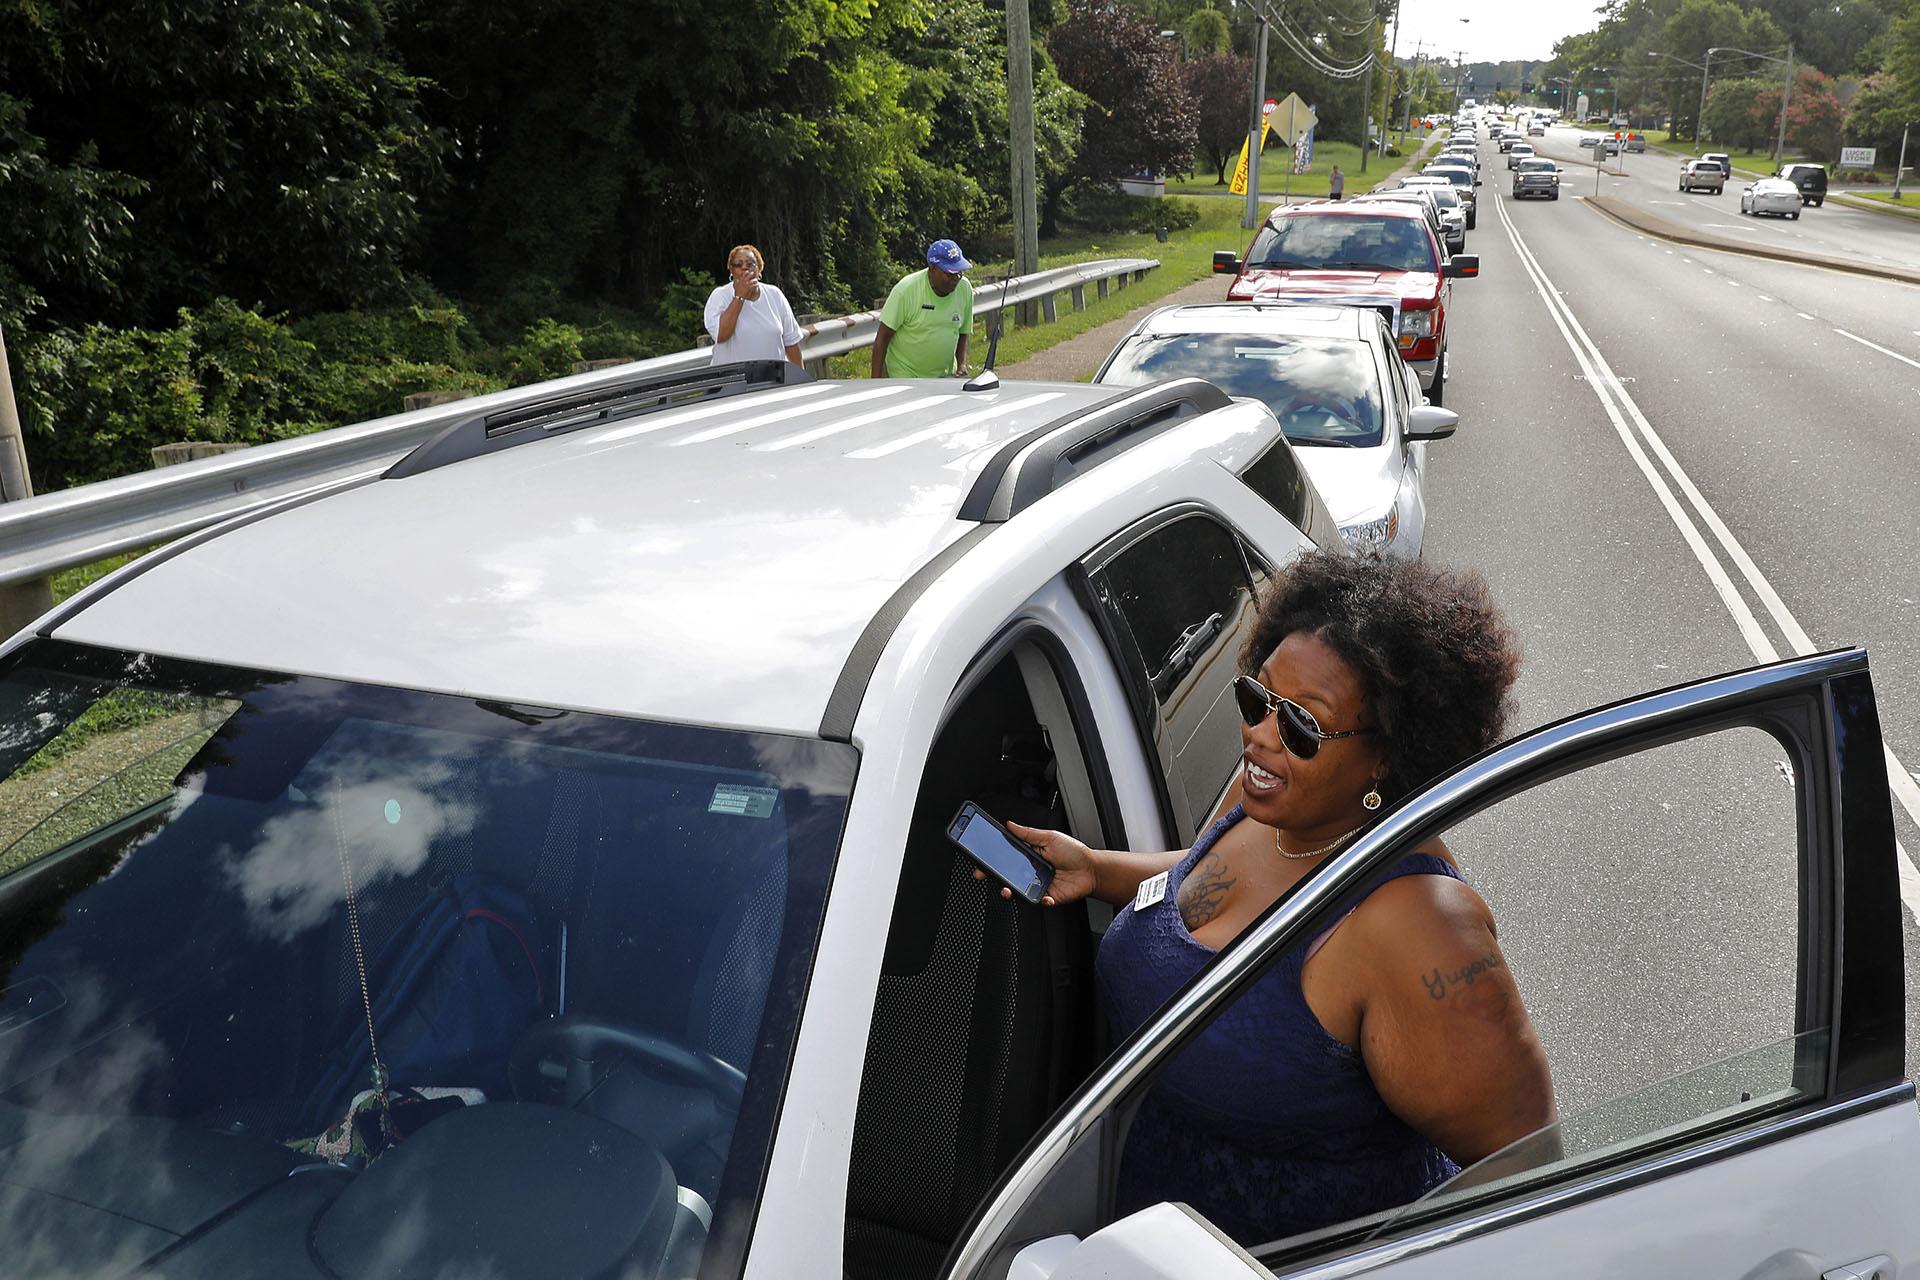 Yugonda Sample espera fuera de su automóvil en una fila de autos a lo largo de Oyster Point Road mientras la genteespera recoger sacos de arena. La ciudad de Newport News ofrecía sacos de arena gratis a los residentes en el Centro de Operaciones de Obras Públicas a medida que se aproxima el huracán Florence (Jonathon Gruenke/The Daily Press via AP)